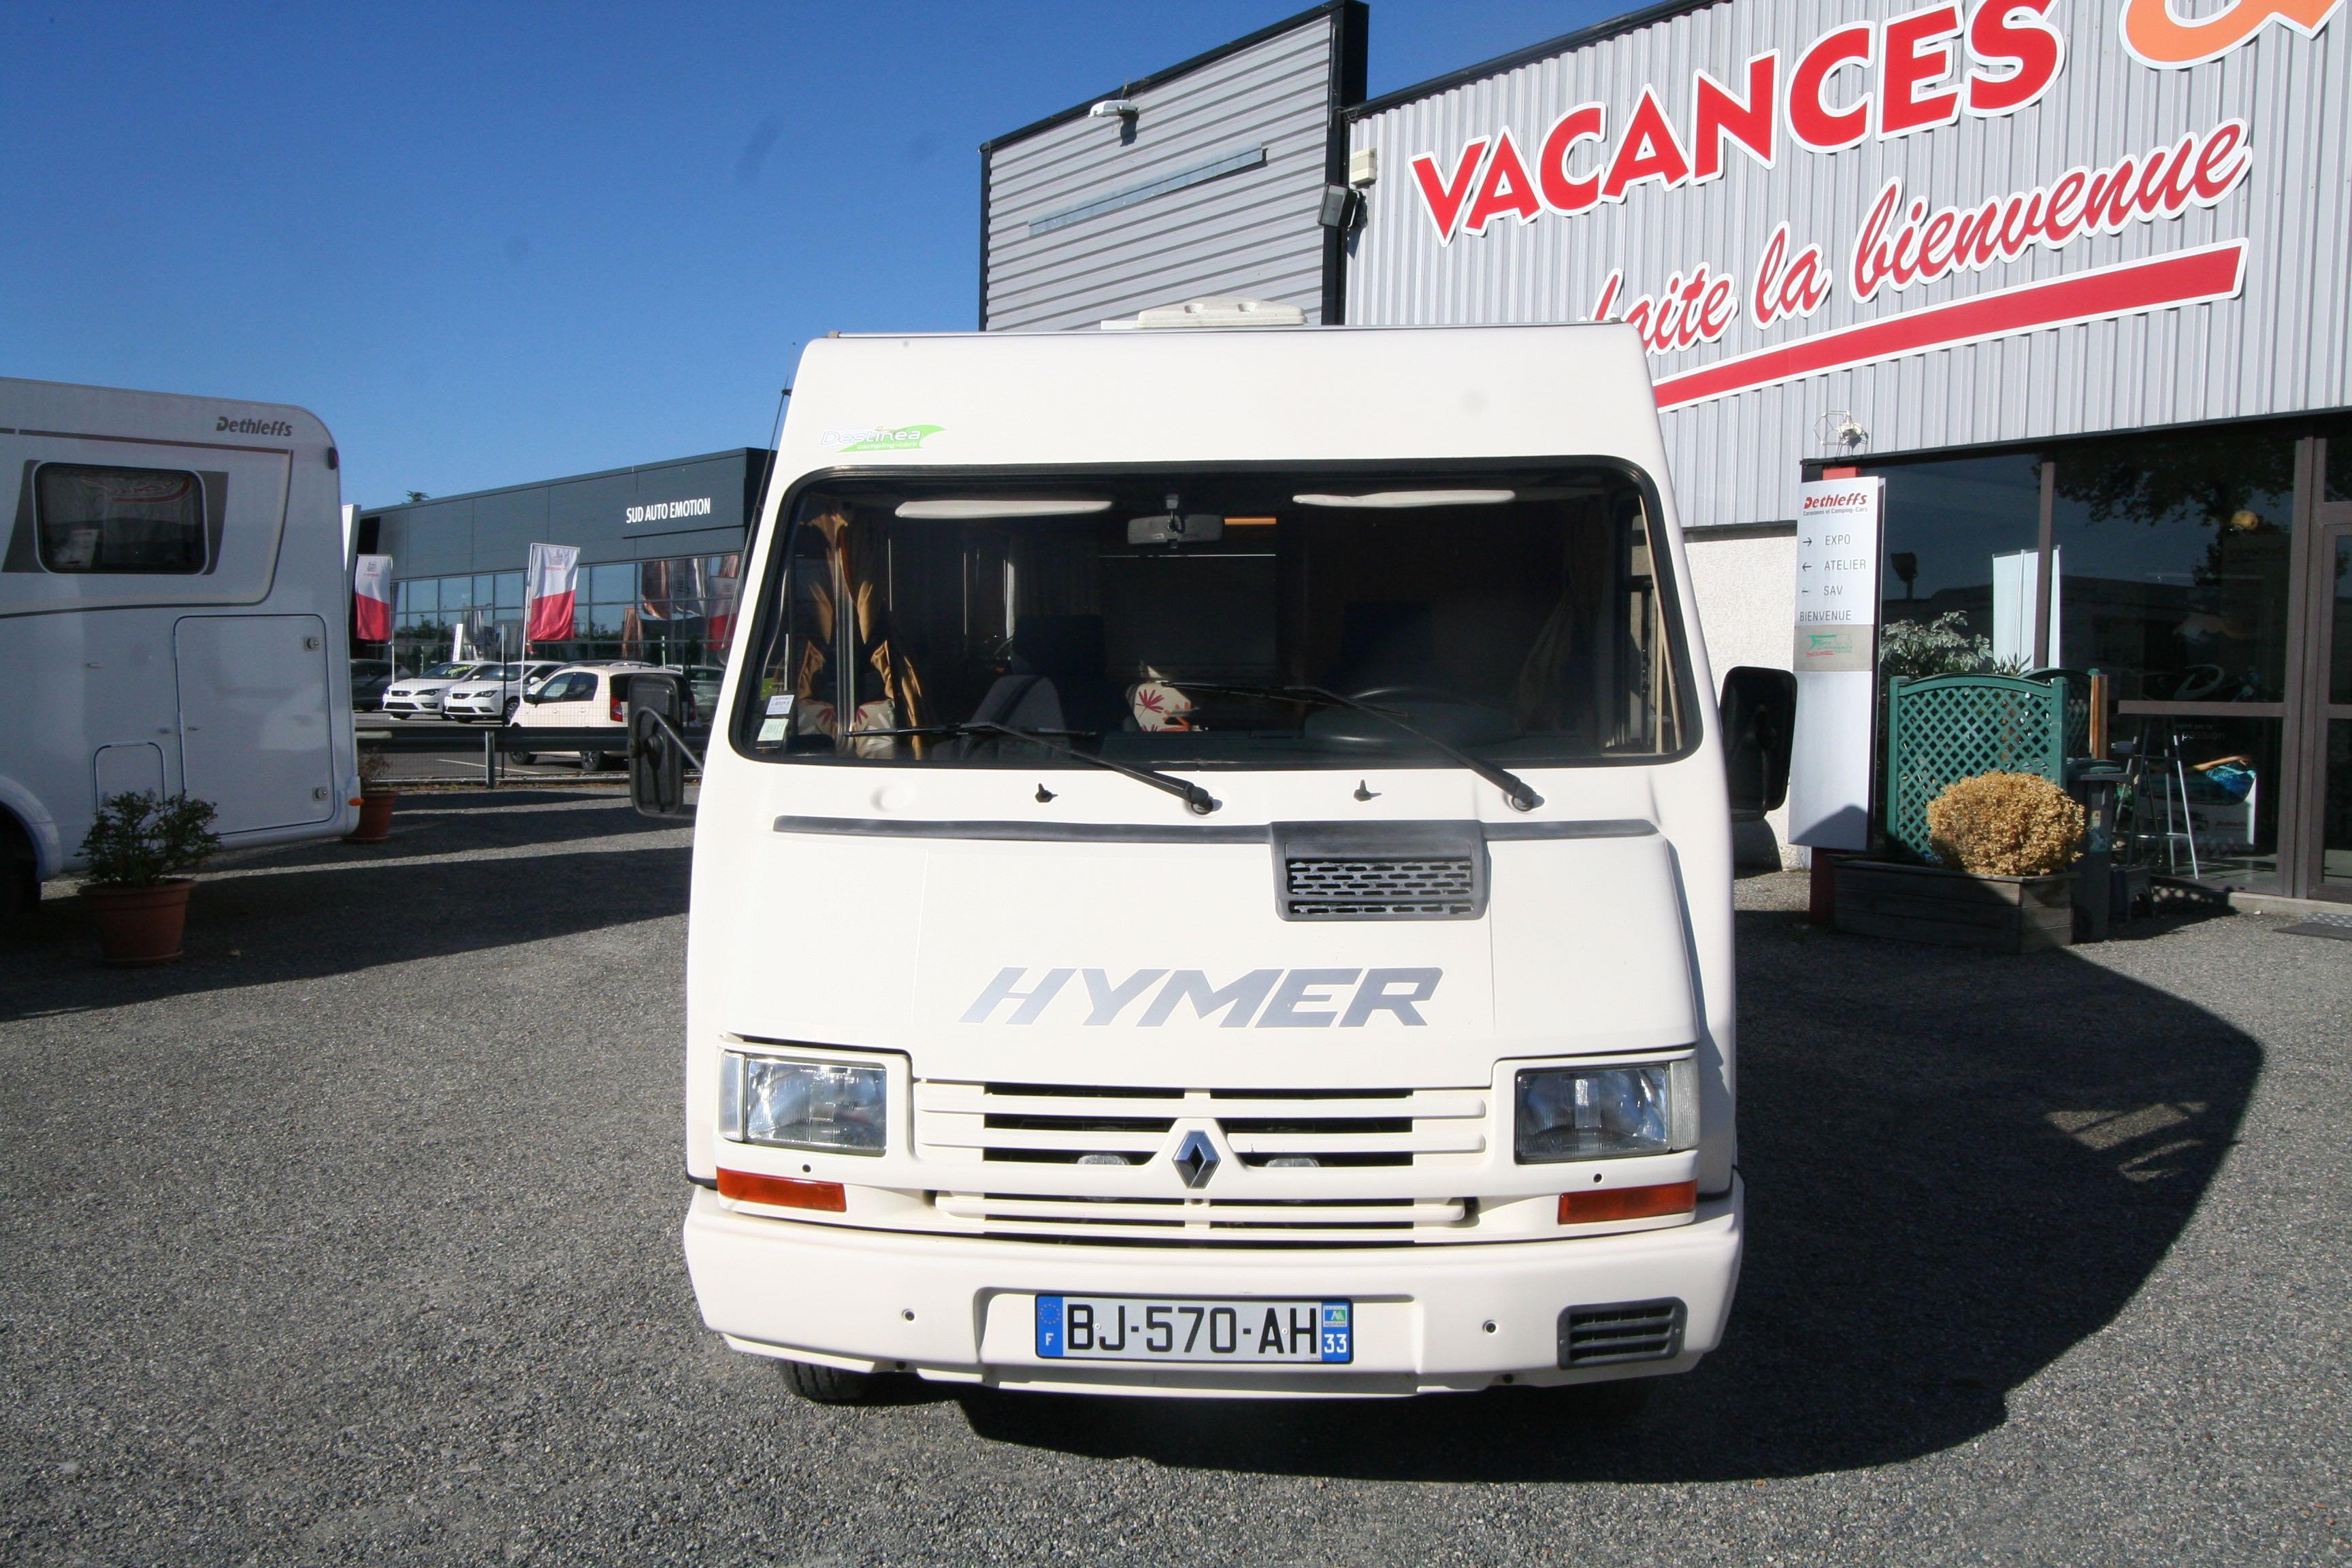 hymer 510 occasion porteur renault camping car vendre en haute garonne 31 ref 65697. Black Bedroom Furniture Sets. Home Design Ideas